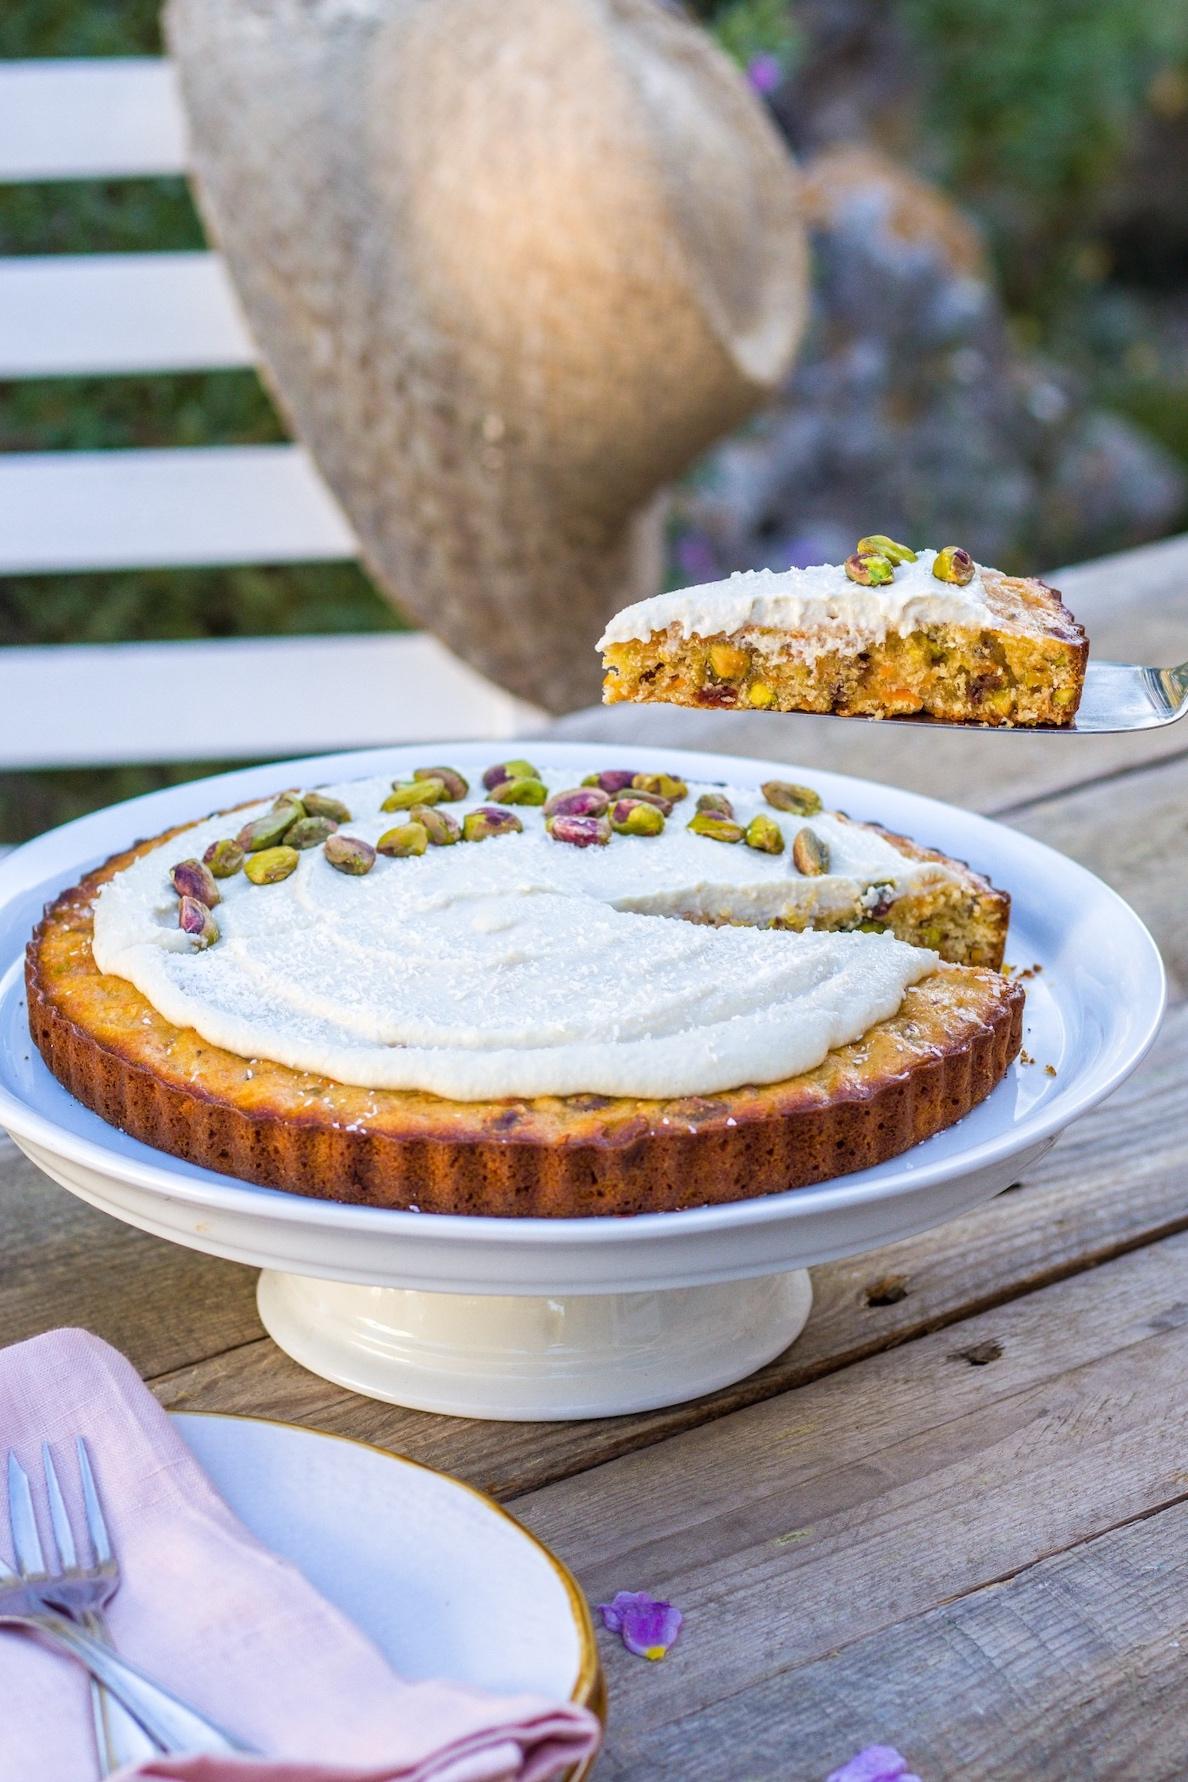 Köstlicher Karottenkuchen mit Kardamom und Pistazien! Perfekt für den bevorstehenden Frühling und Ostern. #ostern #backen #lecker #karottenkuchen